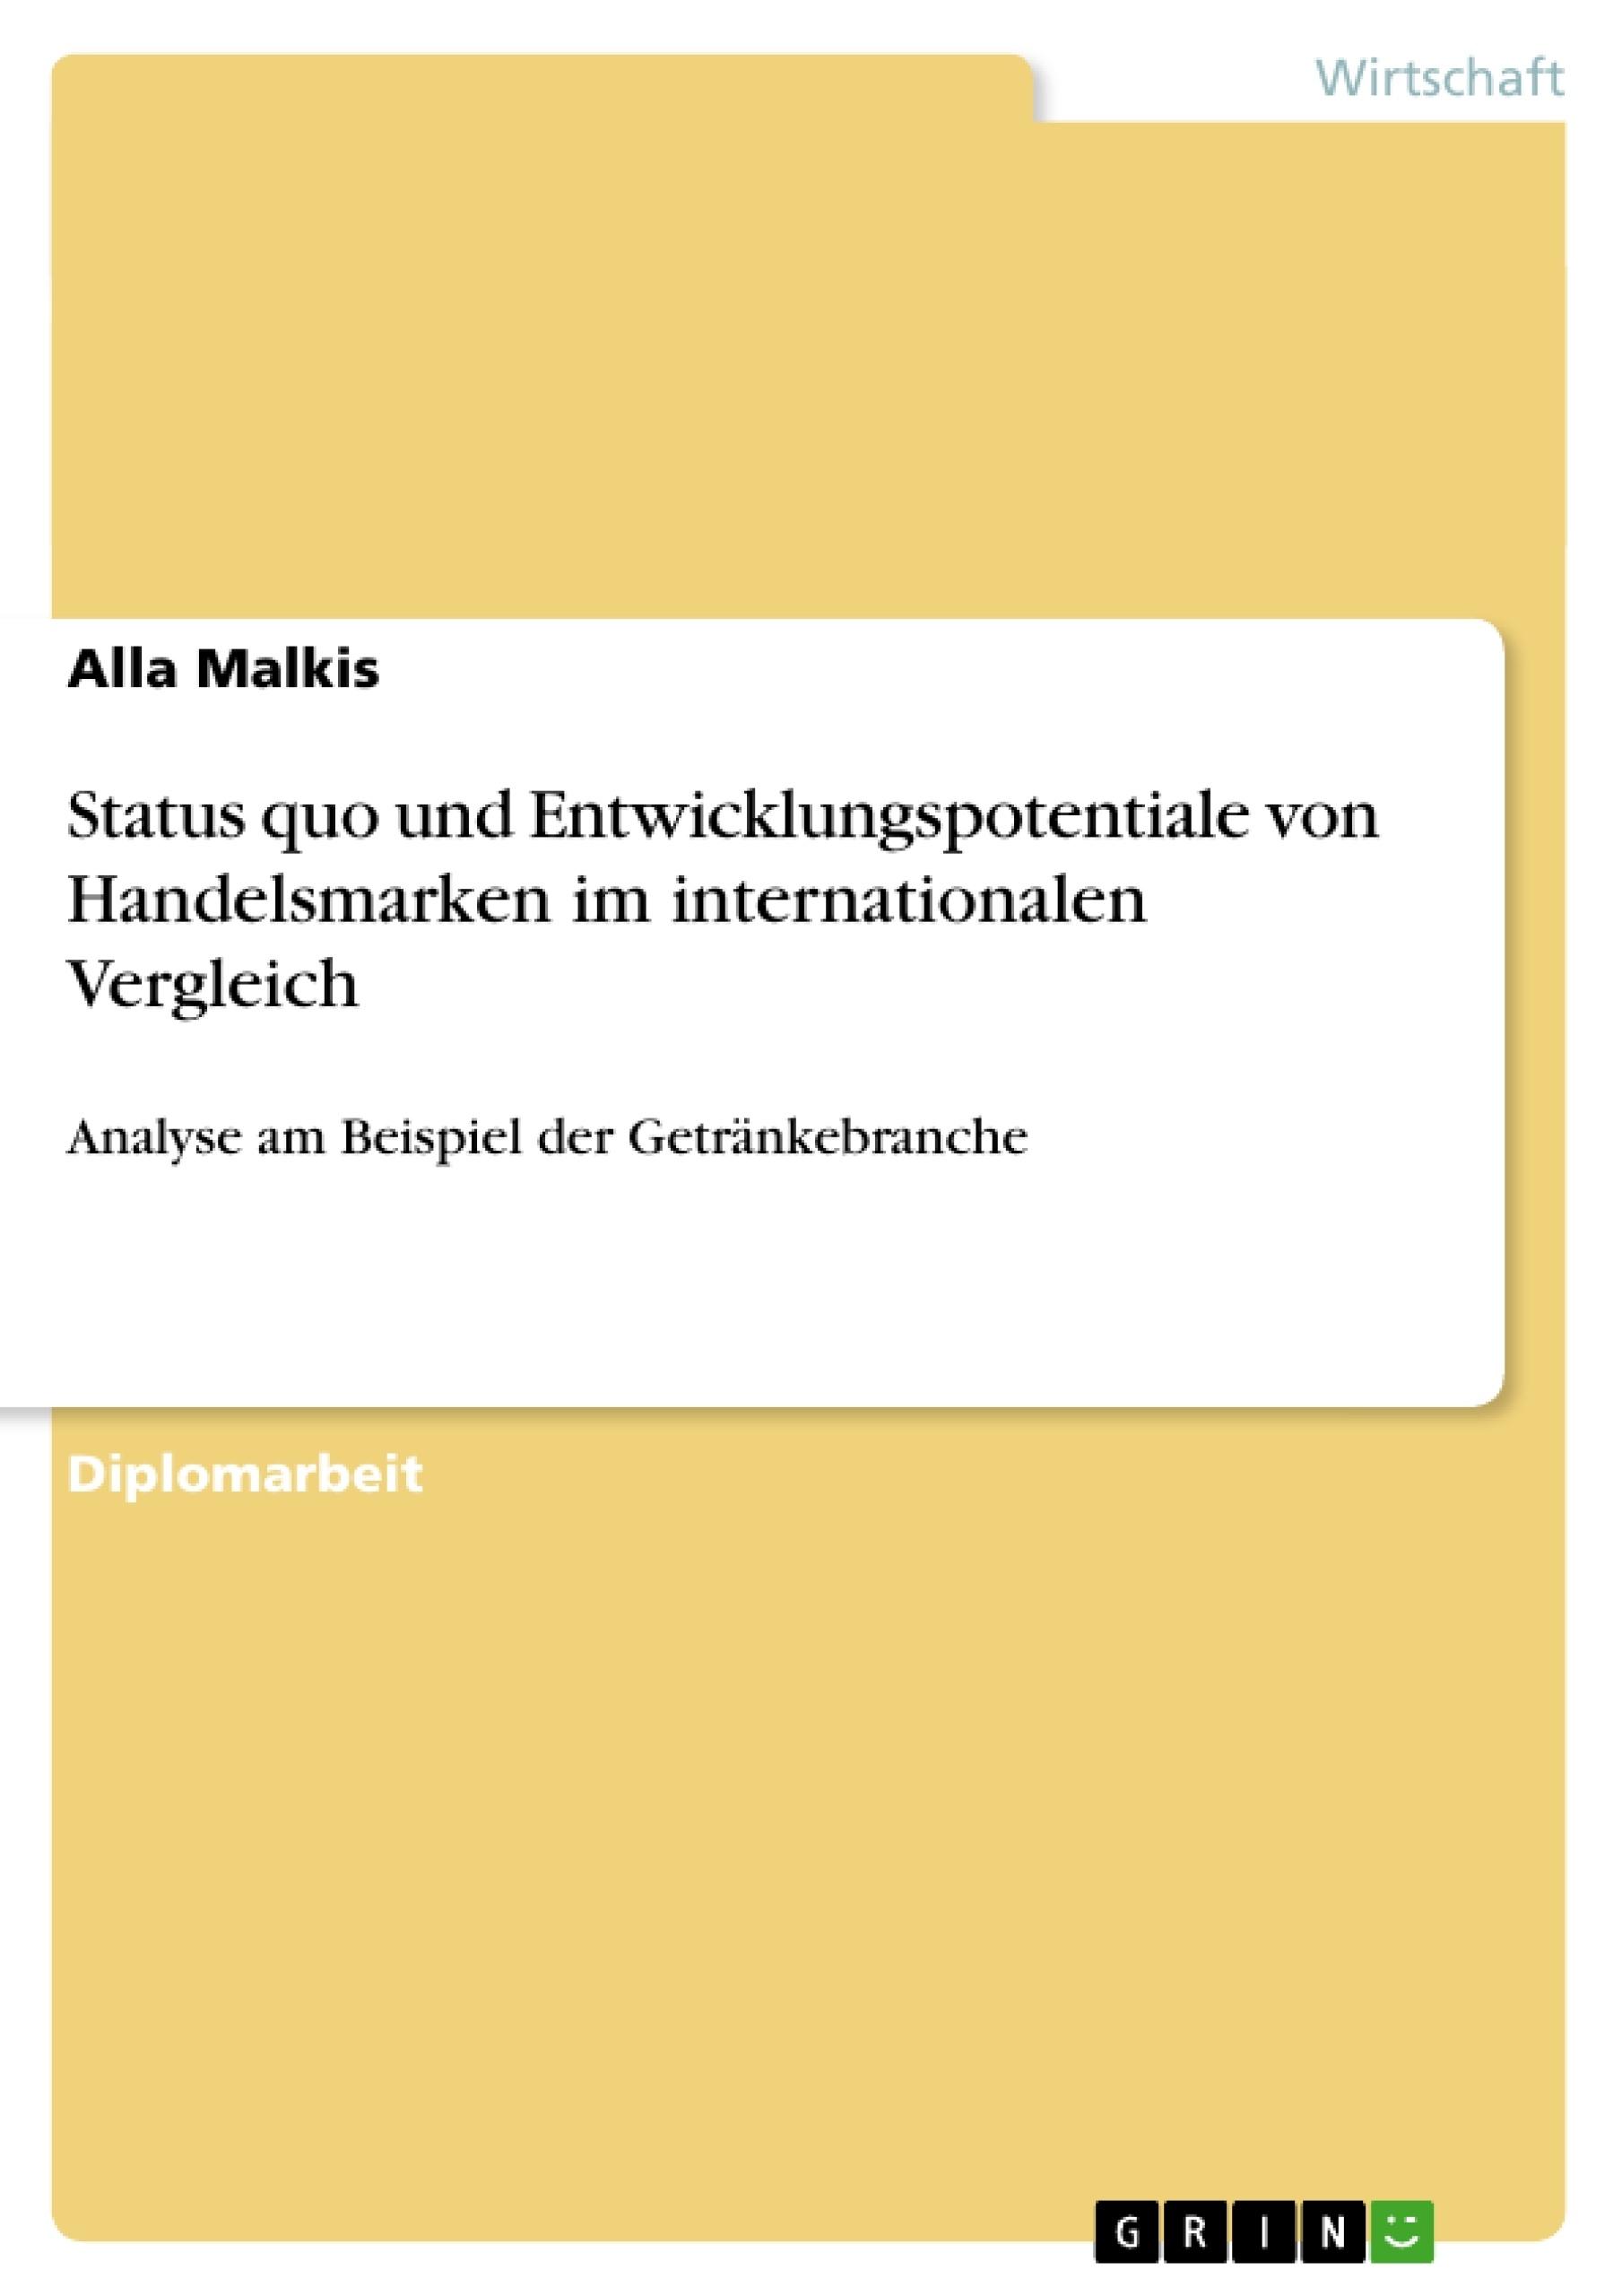 Titel: Status quo und Entwicklungspotentiale von Handelsmarken im internationalen Vergleich